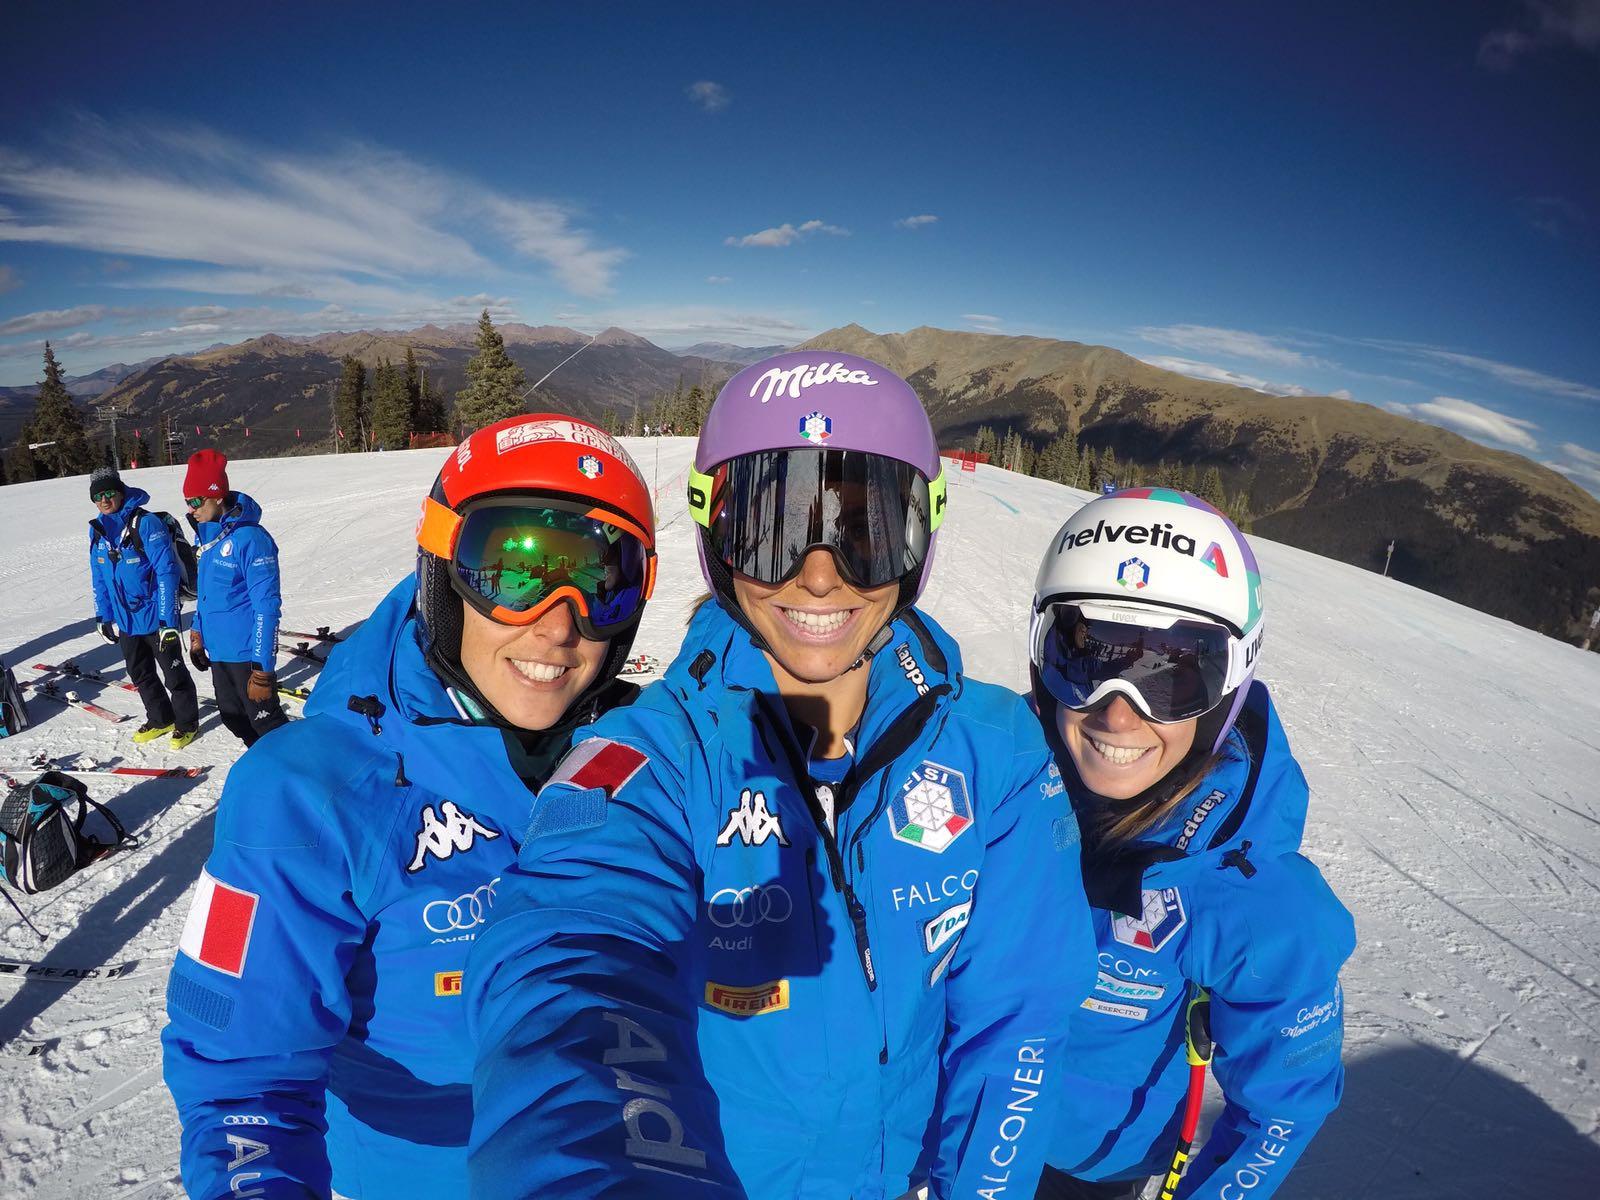 Federica Brignone, Elena Curtoni e Marta Bassino (@Curtoni)